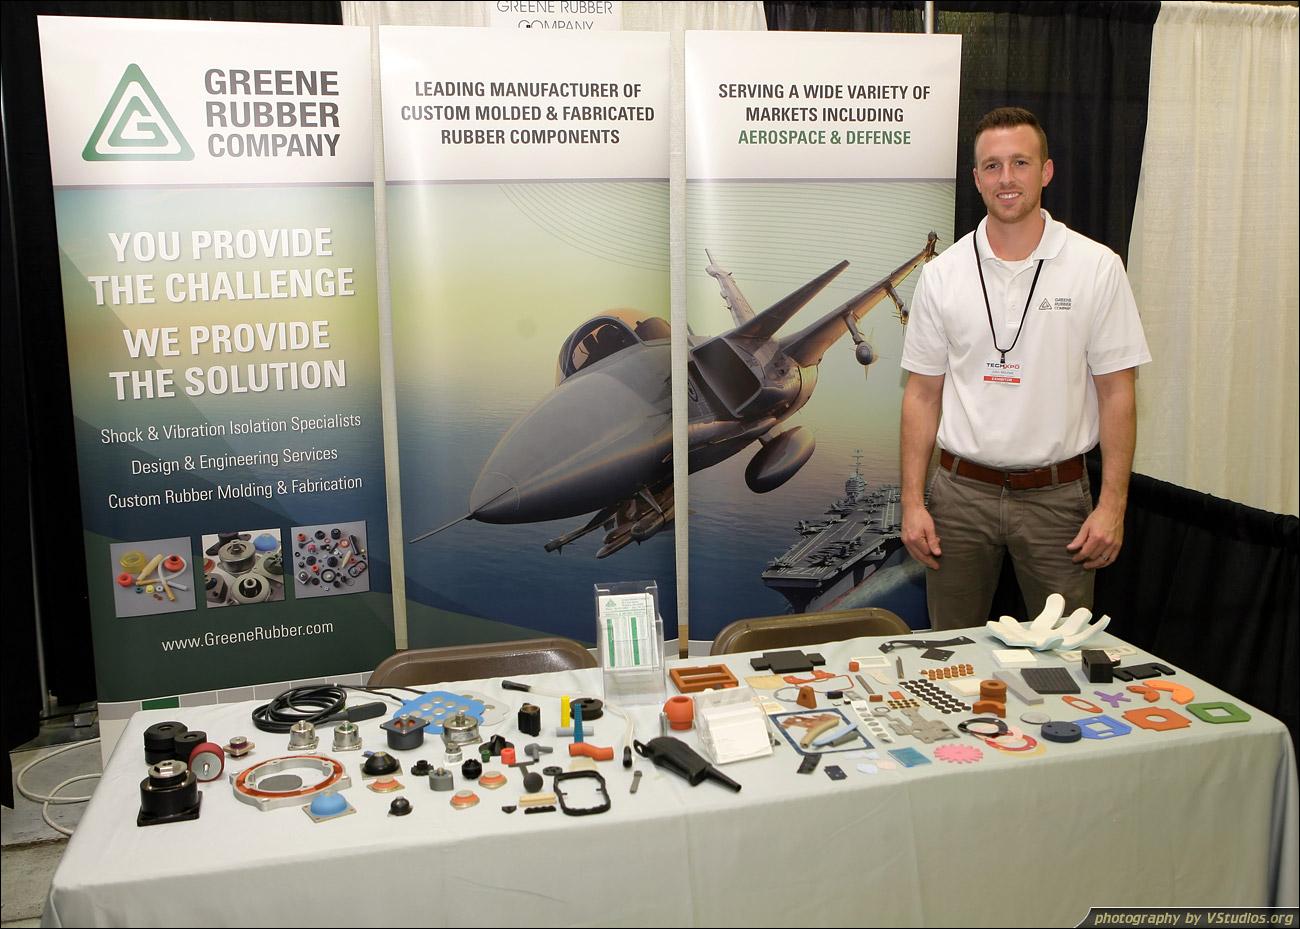 Greene Rubber Company at Florida TechXpo 2015